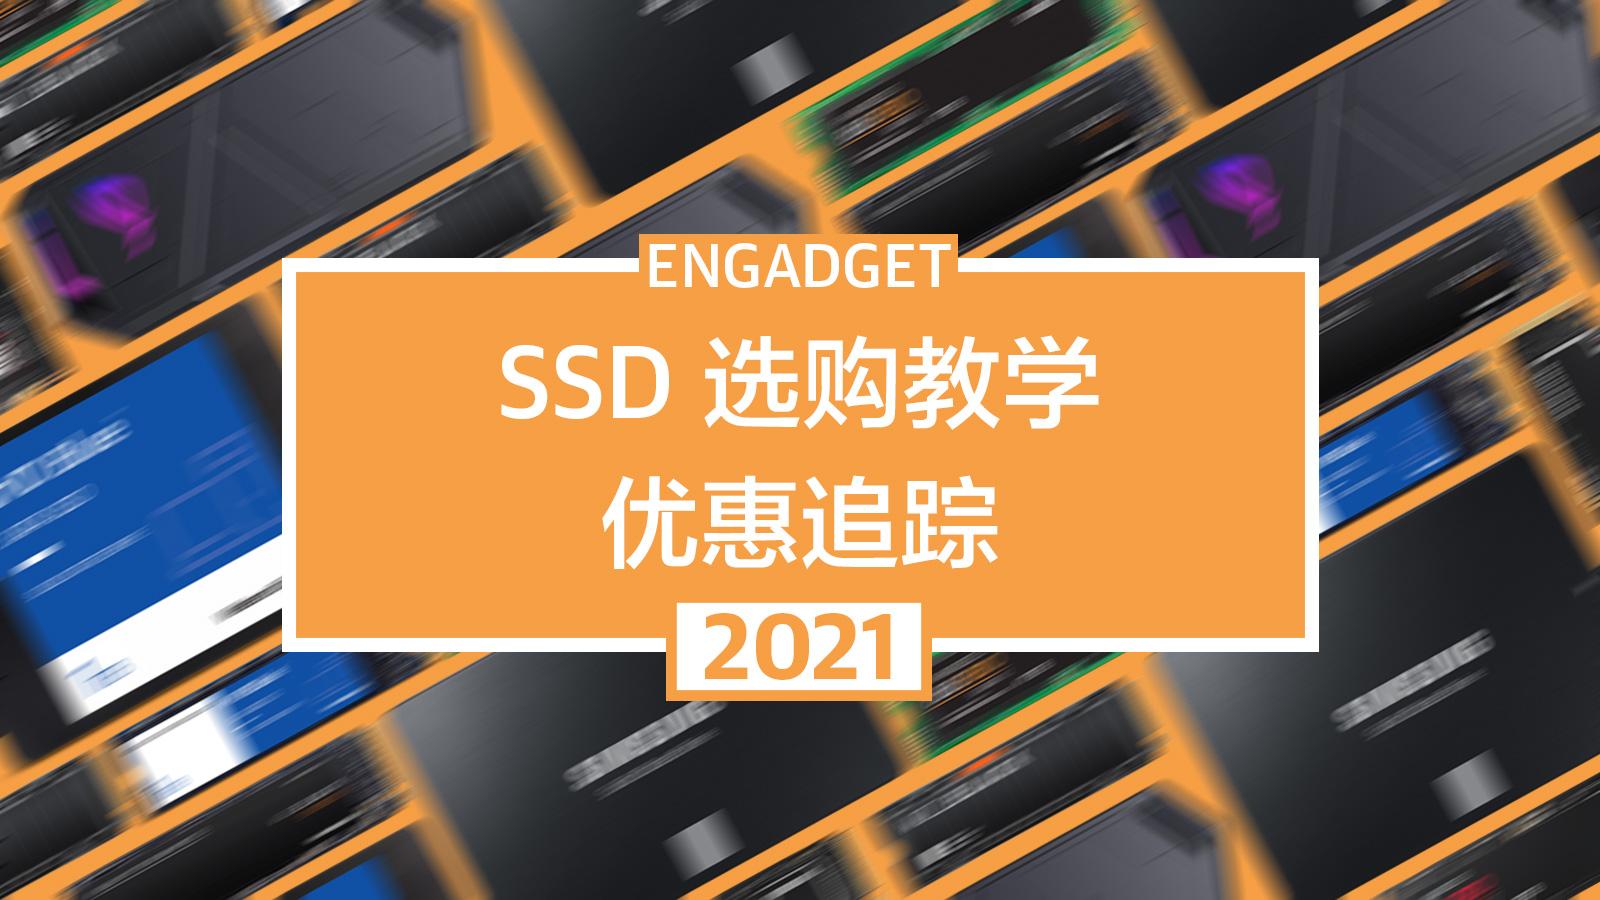 SSD 如何选?选购教学 + 优惠追踪